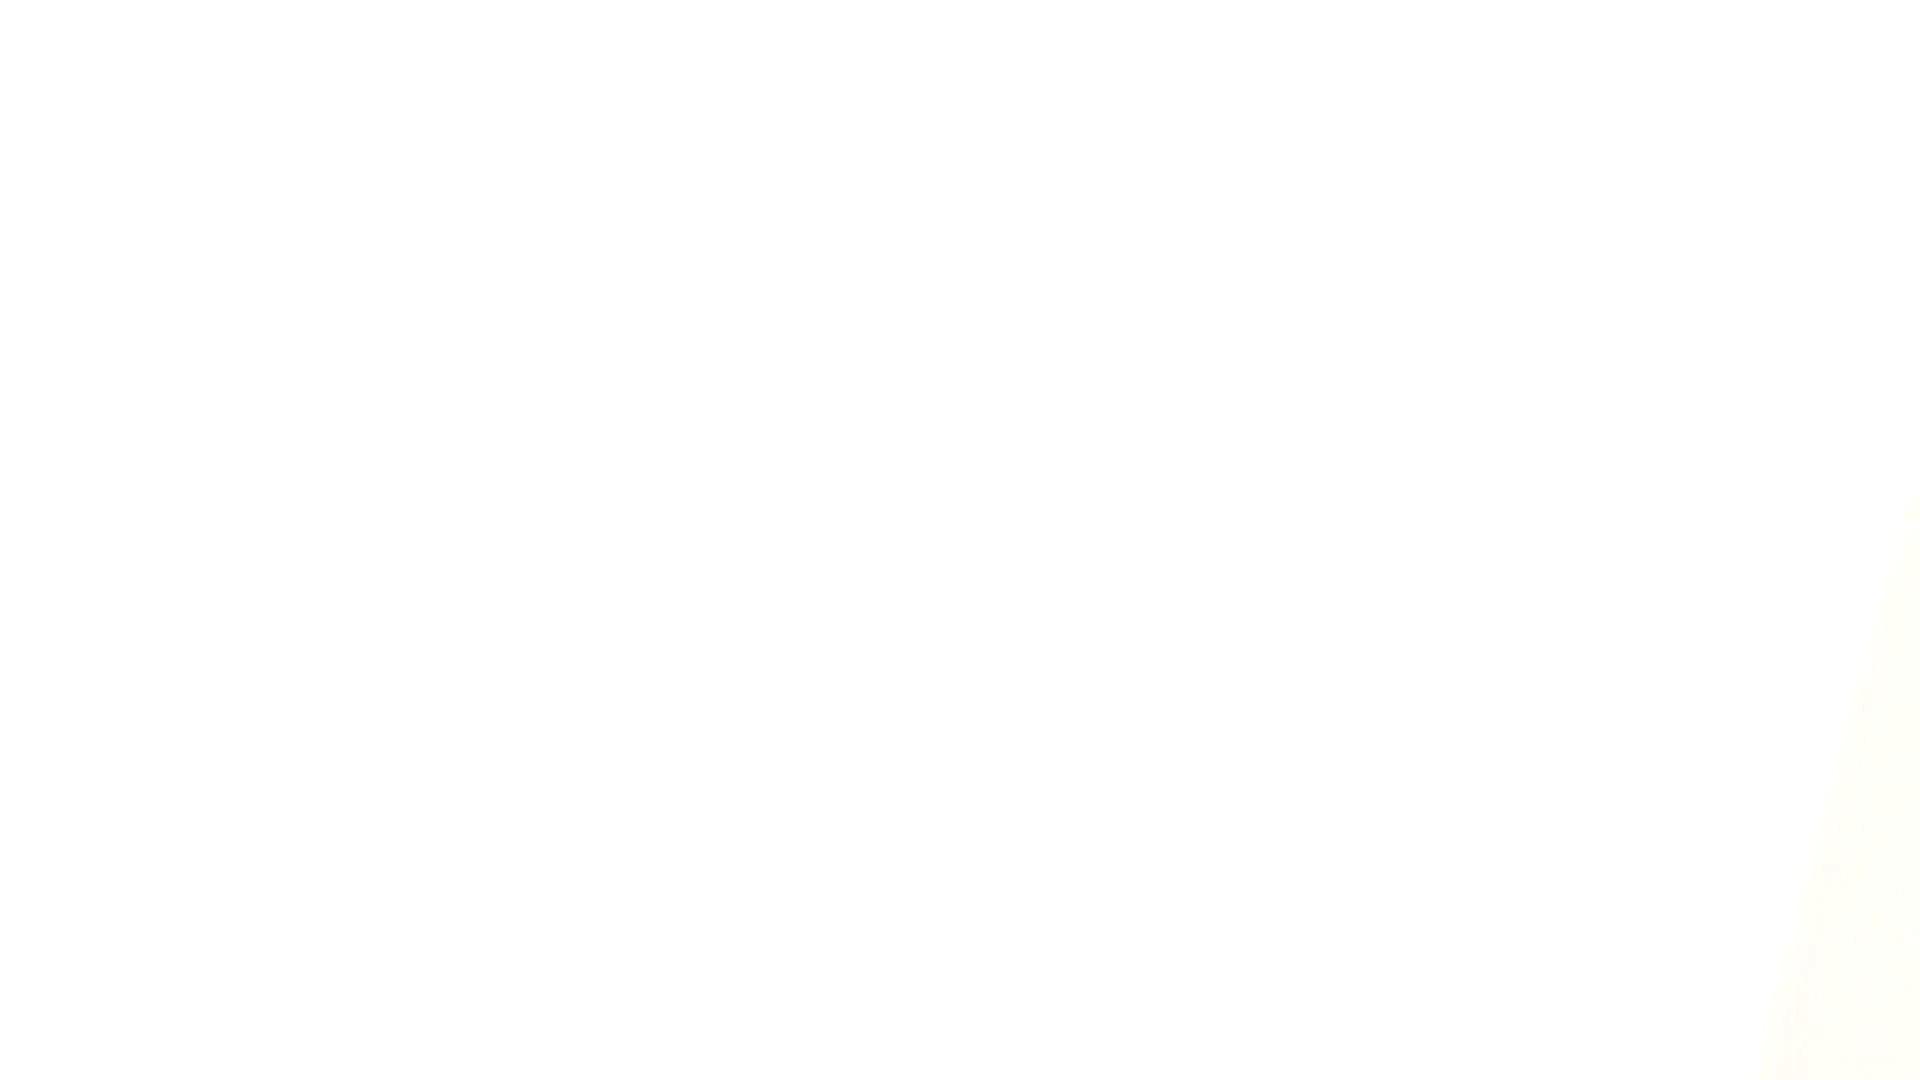 ※100個限定販売 至高下半身盗撮 プレミアム Vol.21 ハイビジョン 盗撮エロすぎ   OL  68連発 32